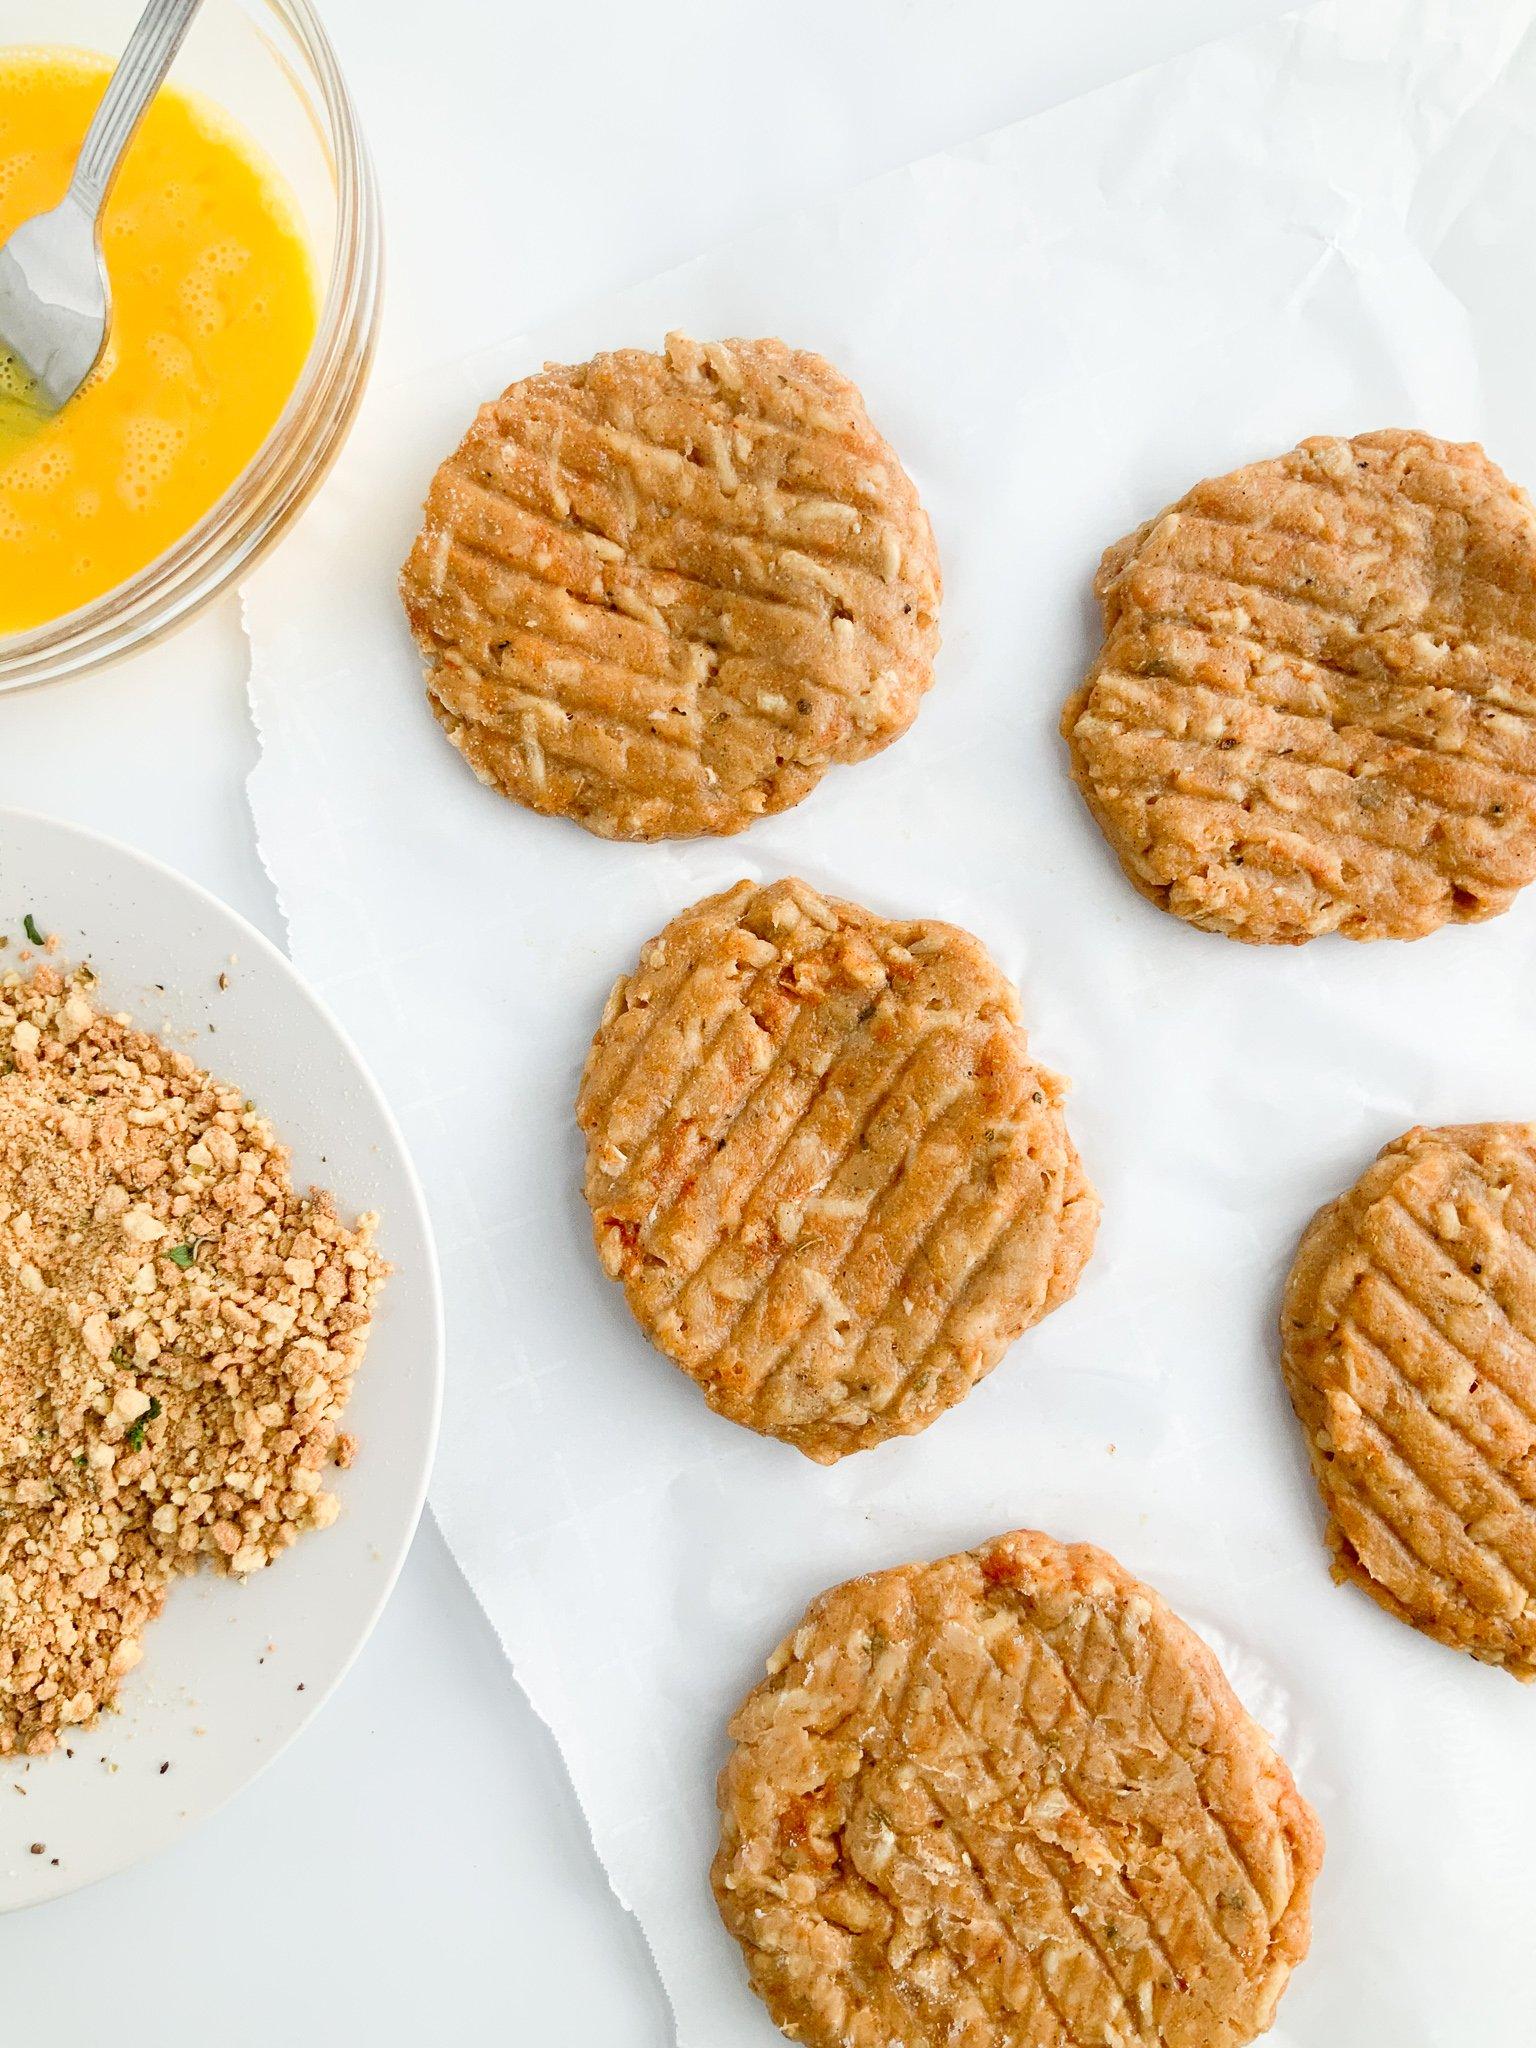 gluten free crispy chicken sandwiches